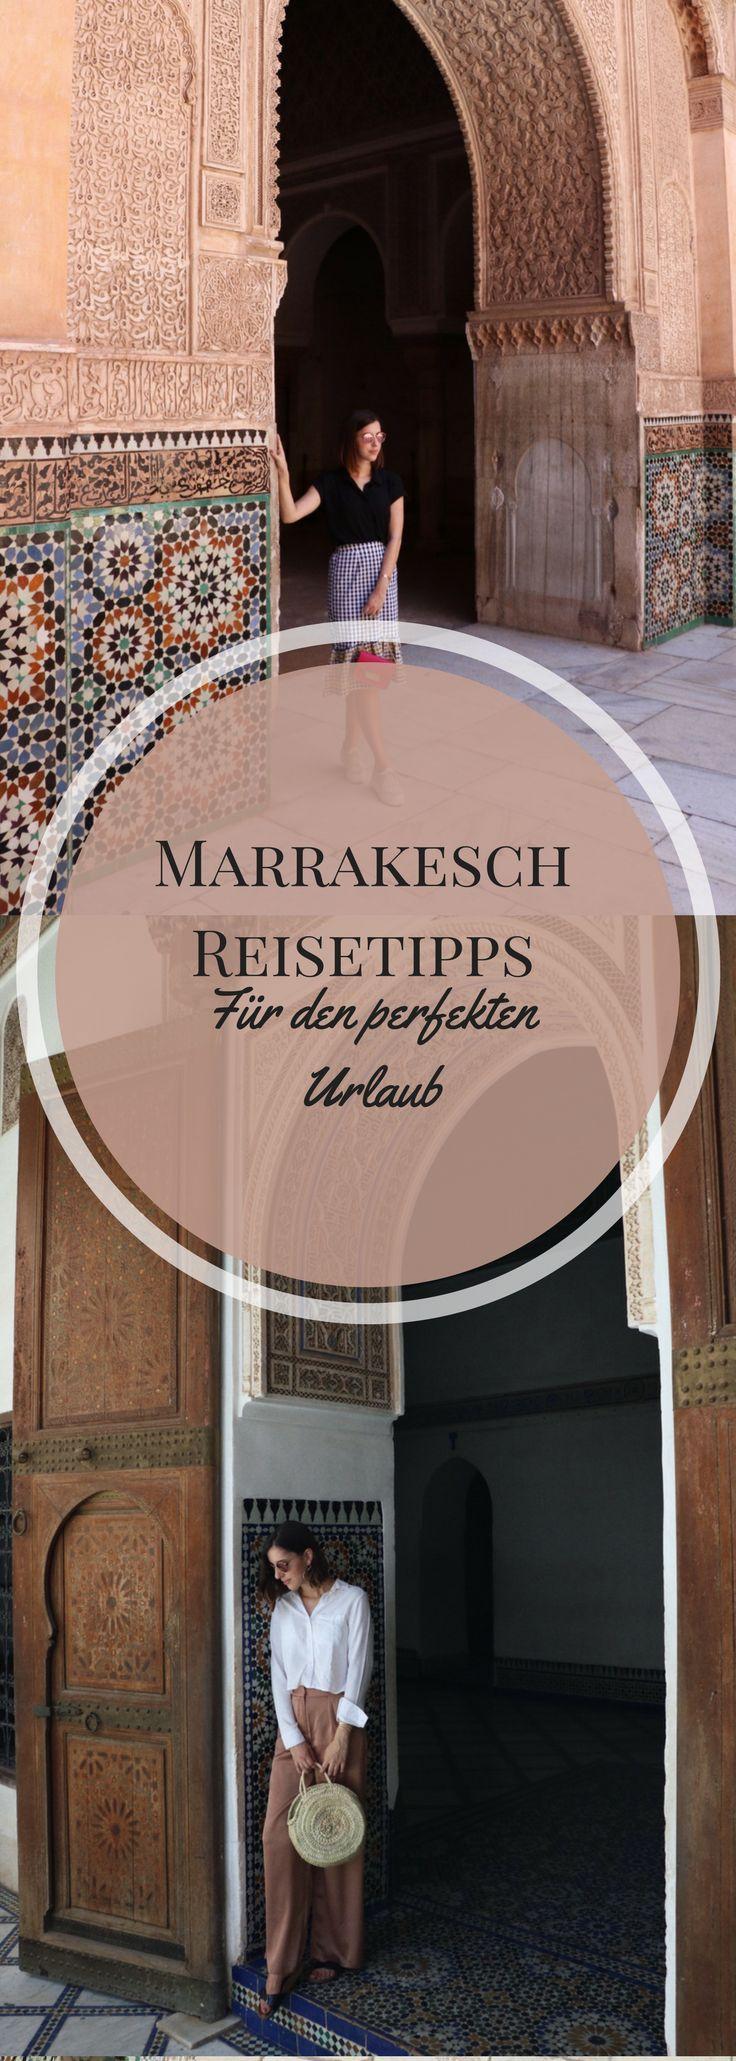 Marrakesch Reisetipps für deinen perfekten Urlaub